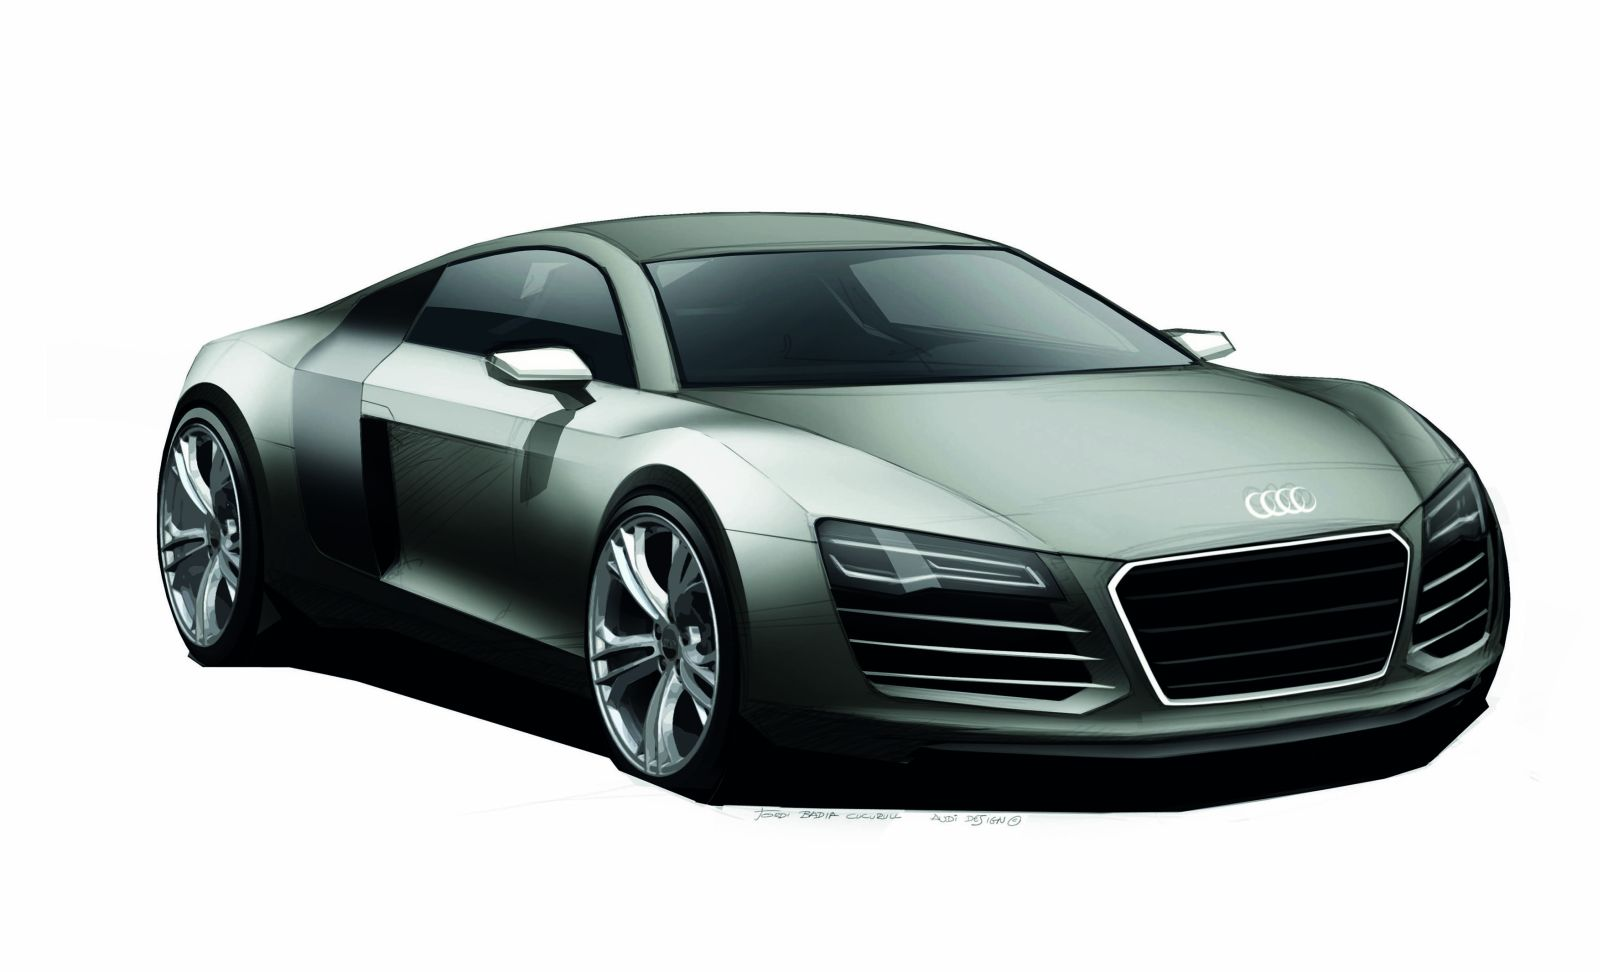 a4e - Gallery Audi R8 (V8, V10, Spyder, GT, GT-Spyder) - Audi R8 Coupe ...